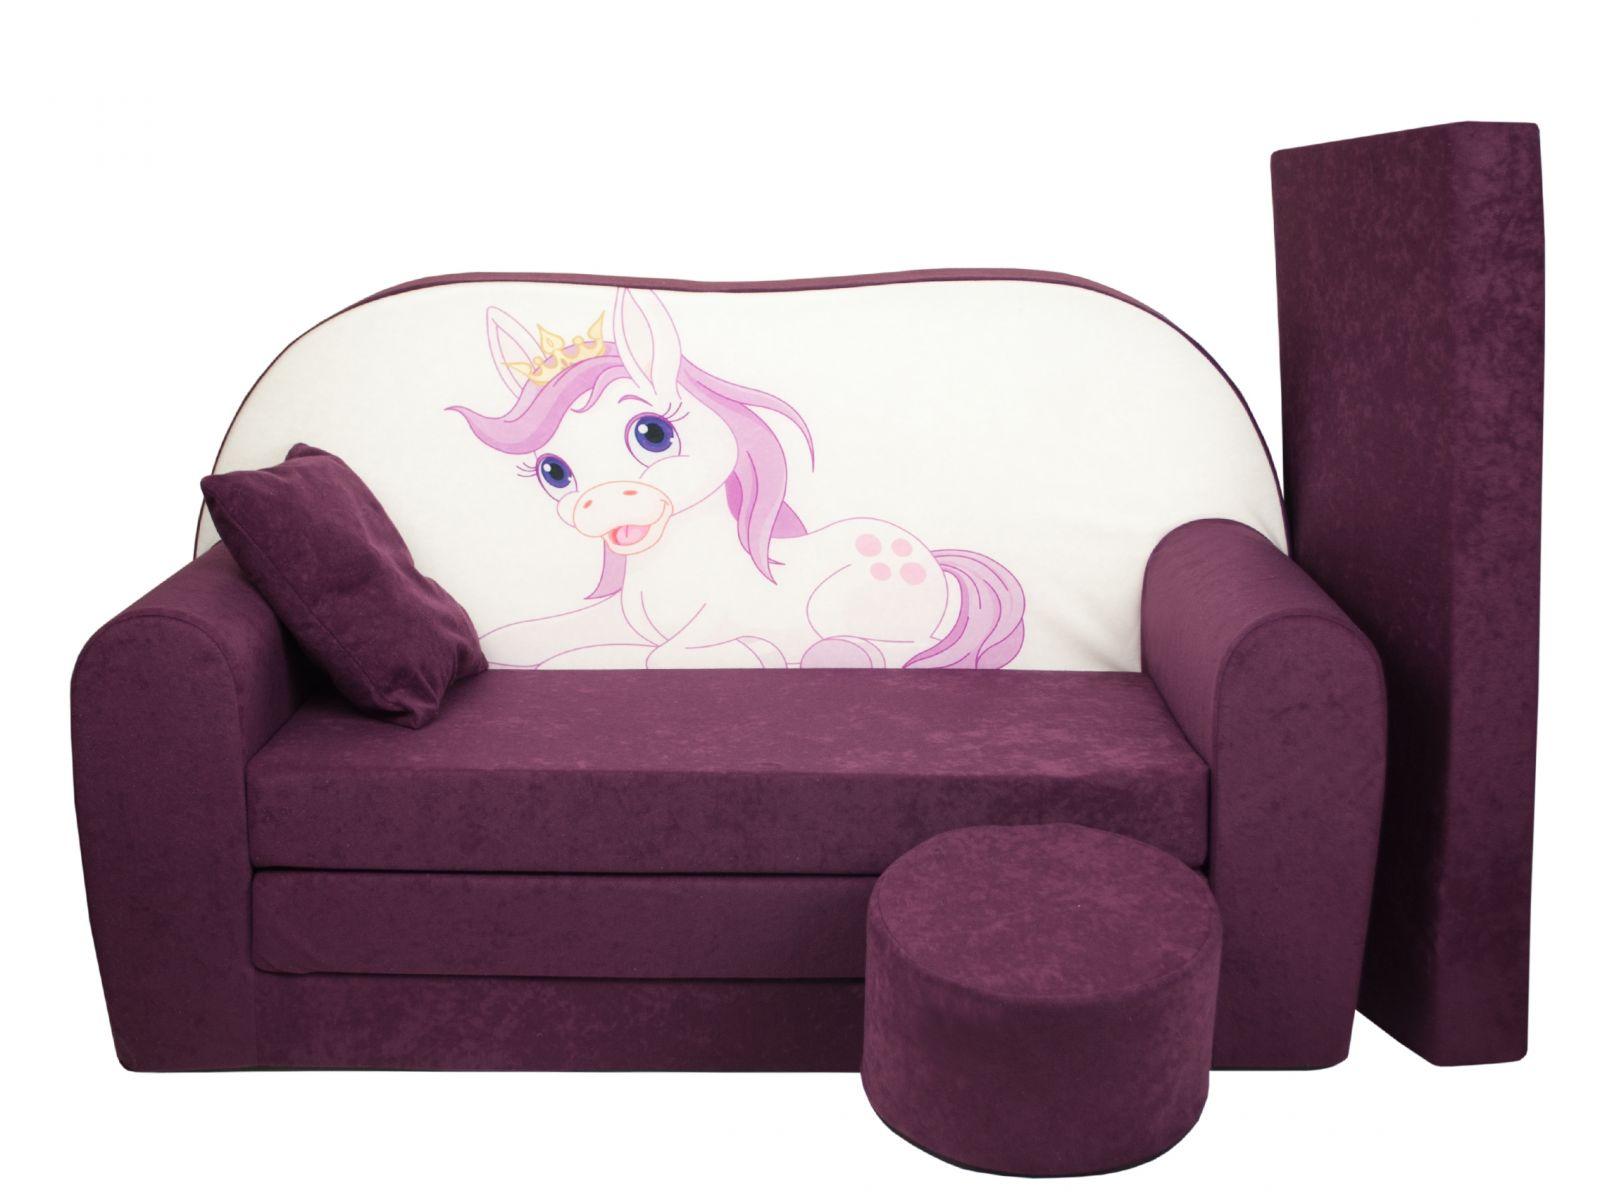 Fimex Dětská rozkládací pohovka + taburet Poník fialová